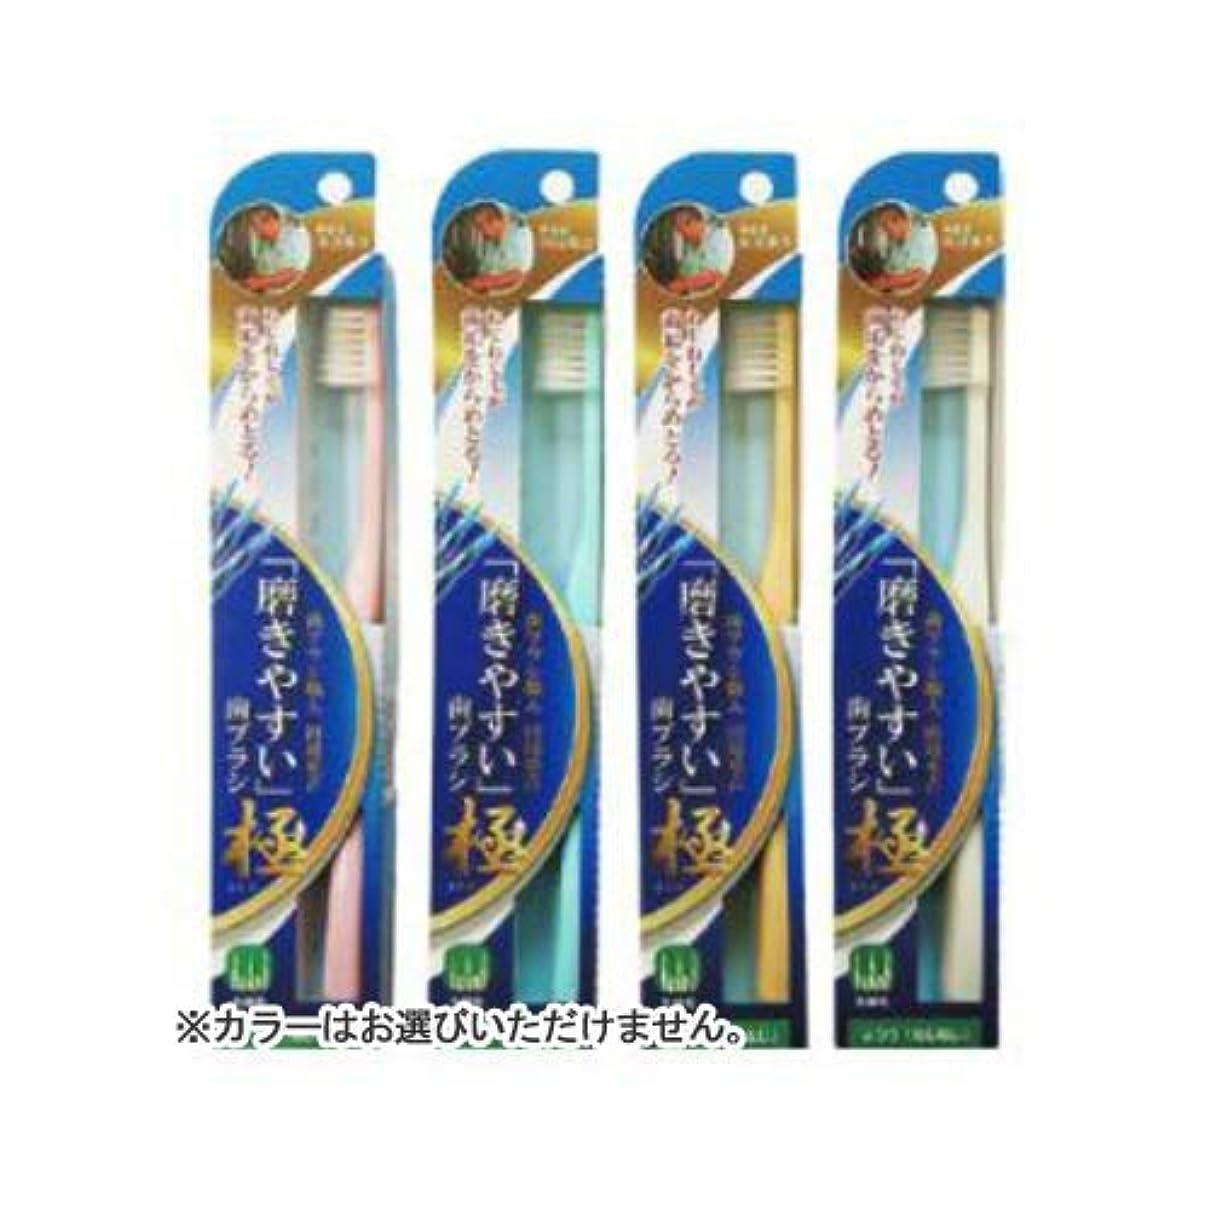 きつく不規則なエステートLT-45磨きやすい歯ブラシ極 ねじねじ × 8個セット